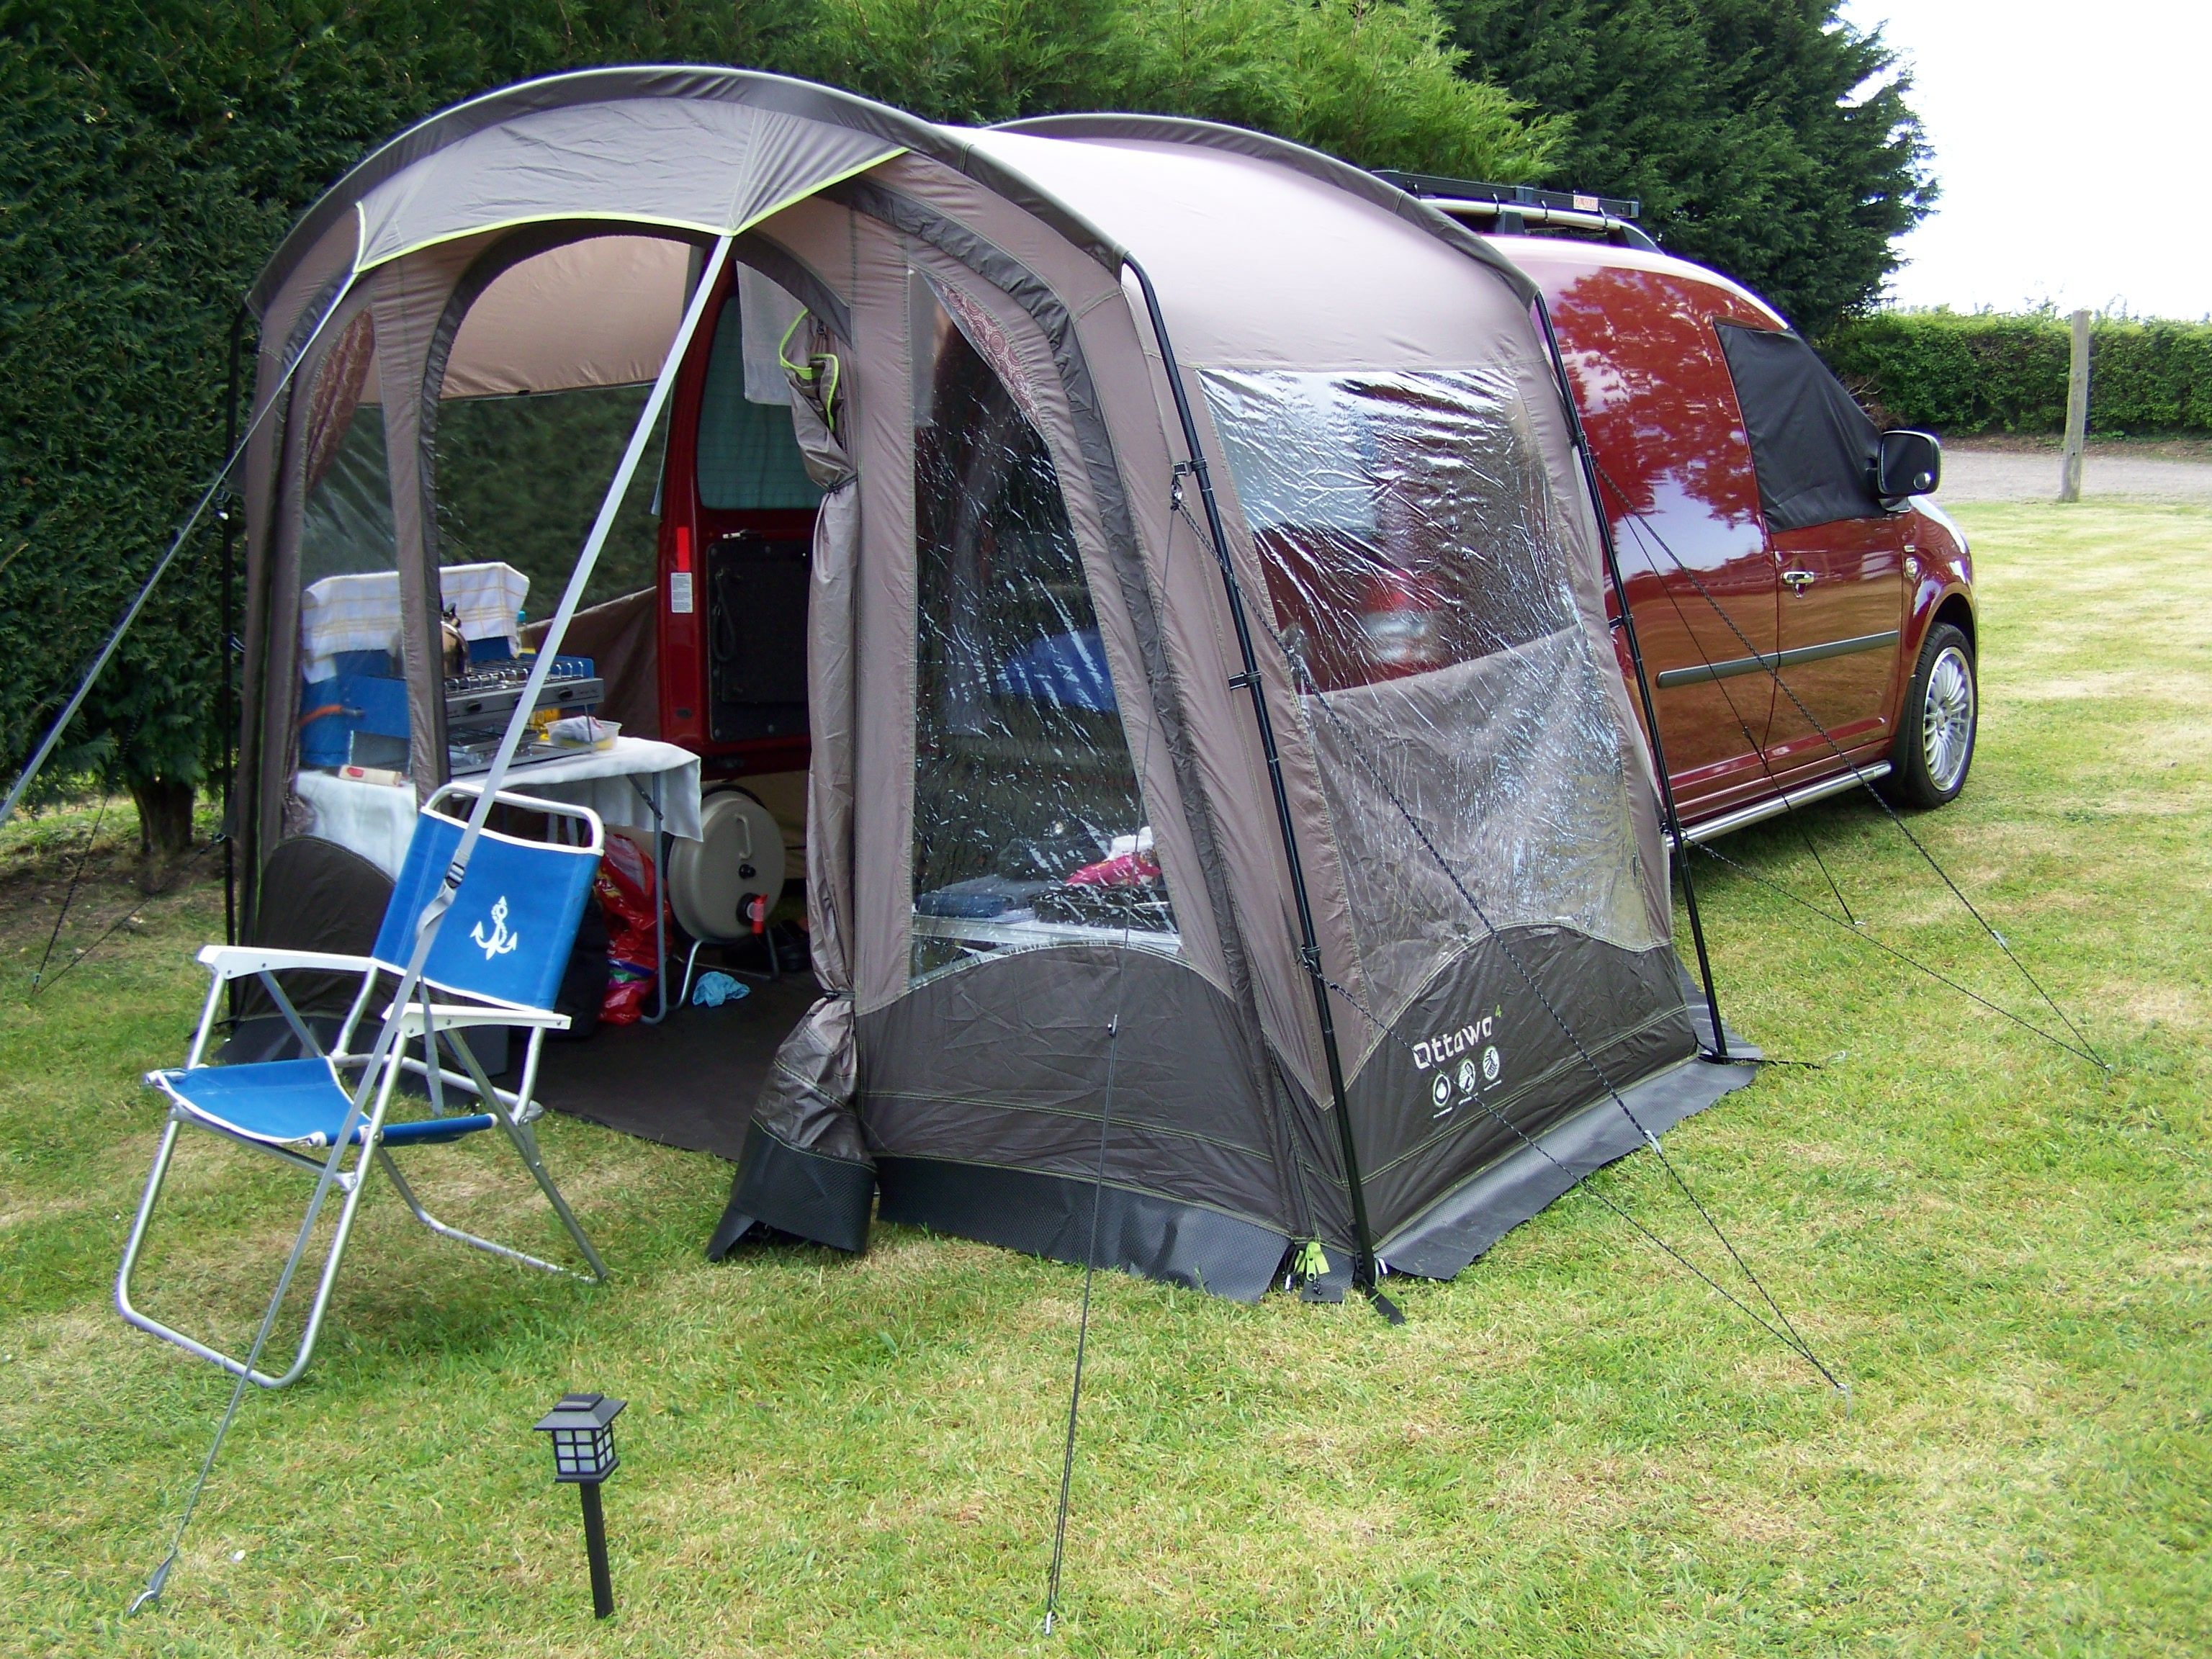 vw caddy solar camper sunnyside farm chilham kent. Black Bedroom Furniture Sets. Home Design Ideas